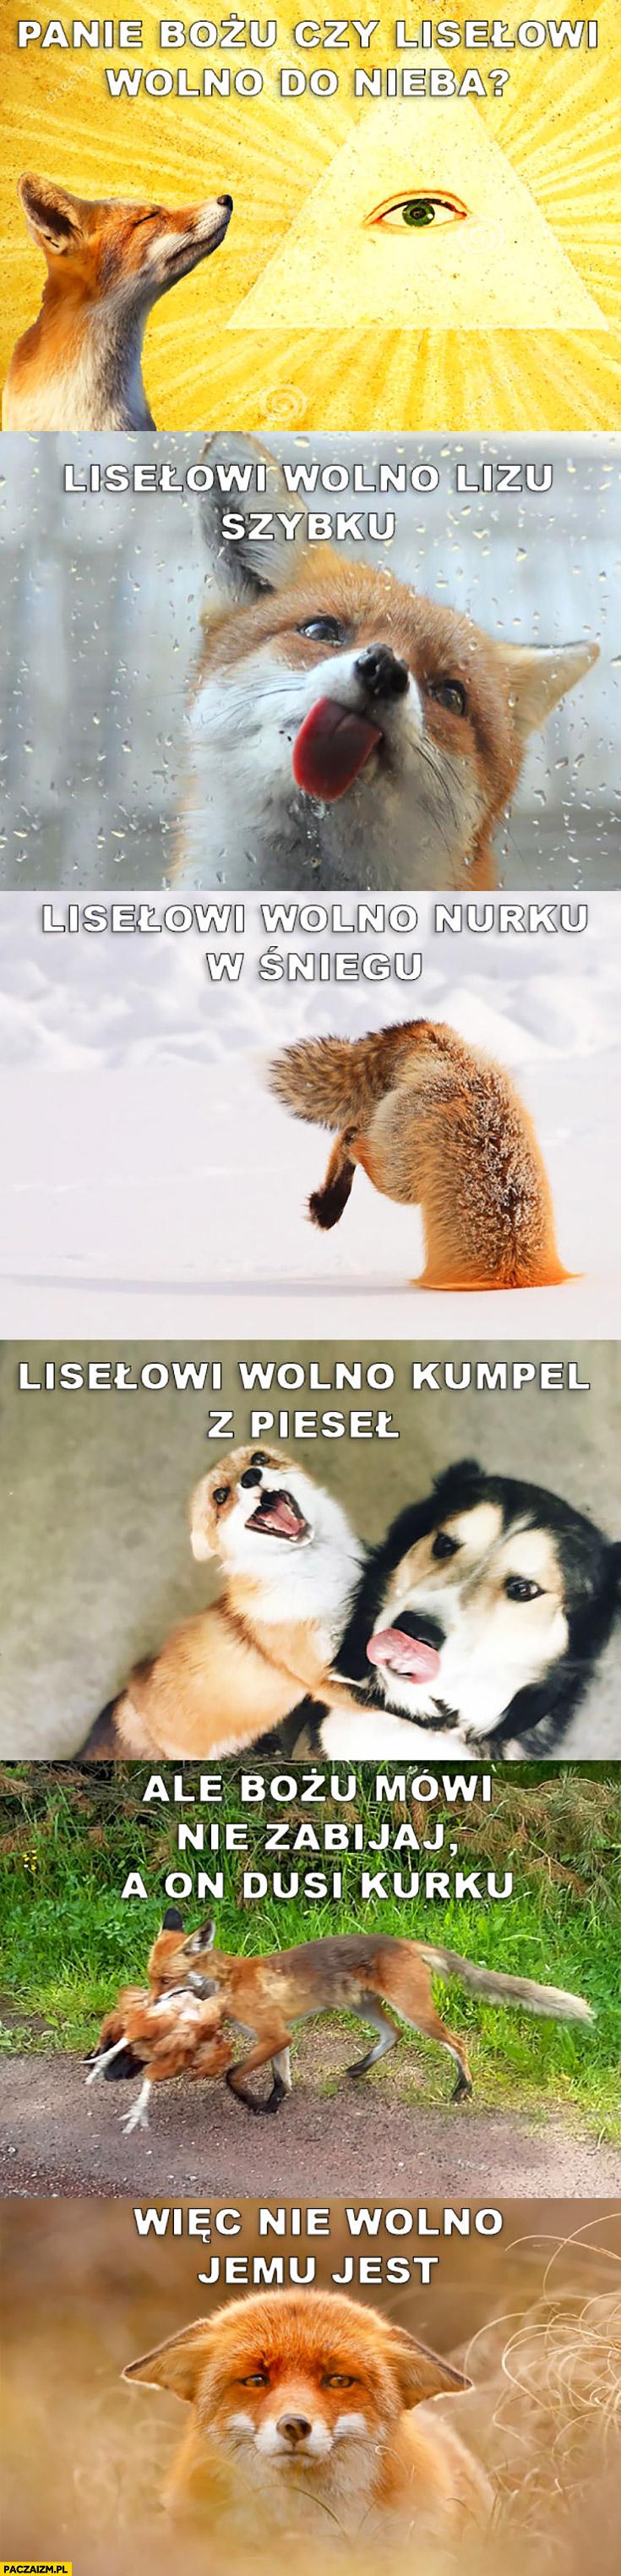 Panie Boże czy lisowi wolno do nieba? Wolno lizać szybę, nurkować w śniegu, kumplować z psem ale Bozia mówi nie zabijaj a lis dusi kurę, więc nie wolno jemu